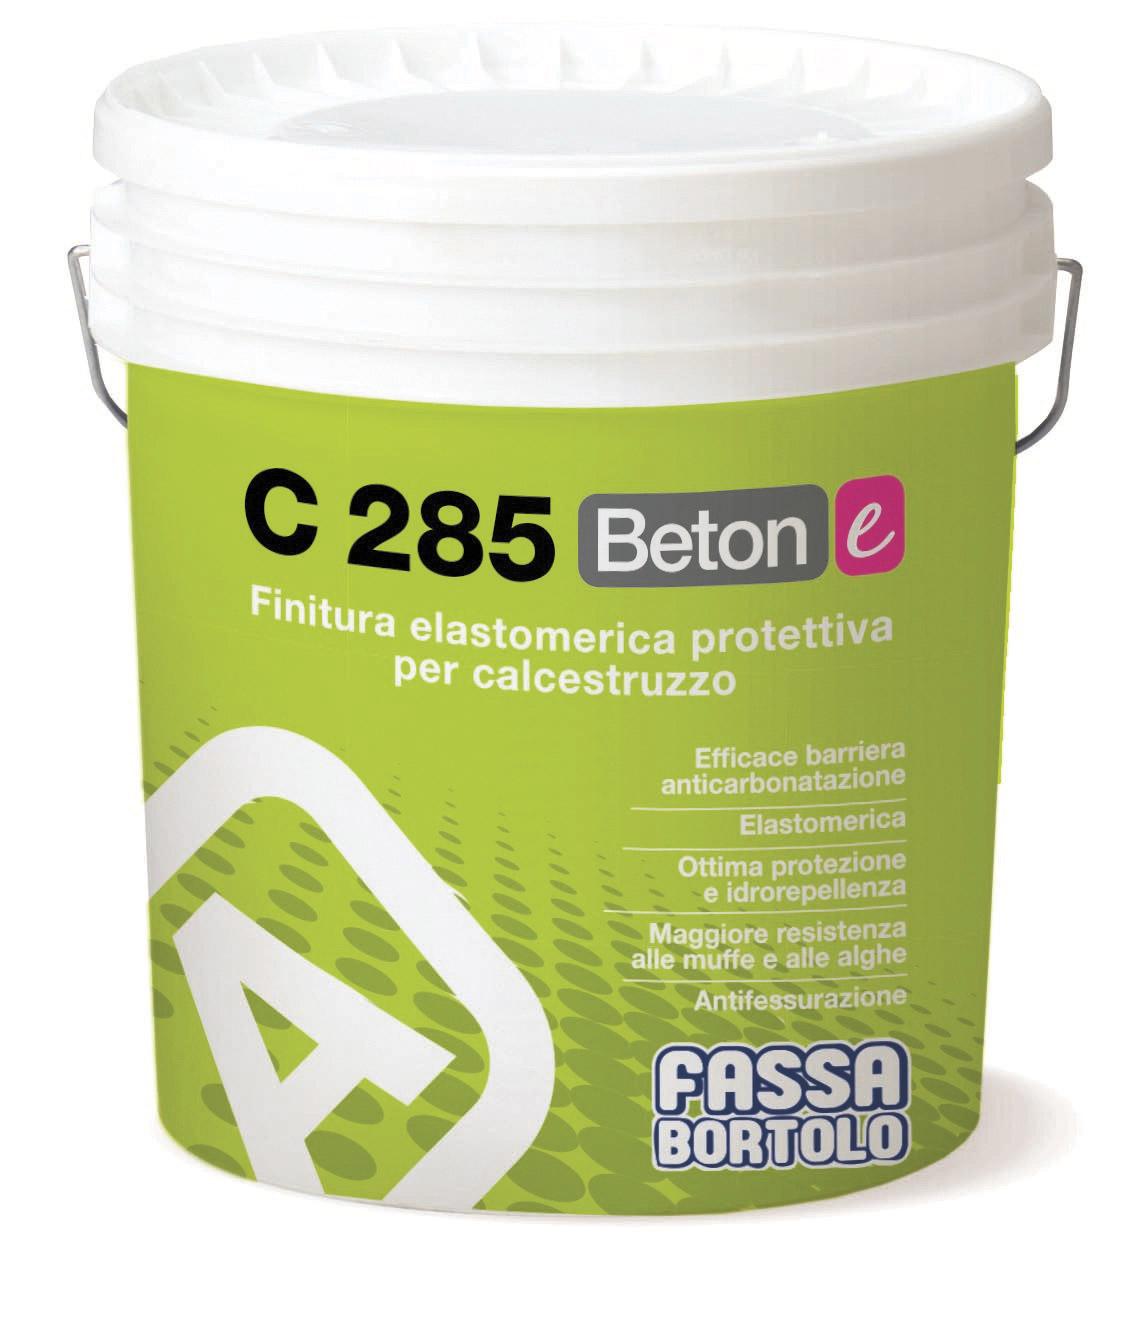 C 285 BETON-E: Finitura elastomerica protettiva per calcestruzzo